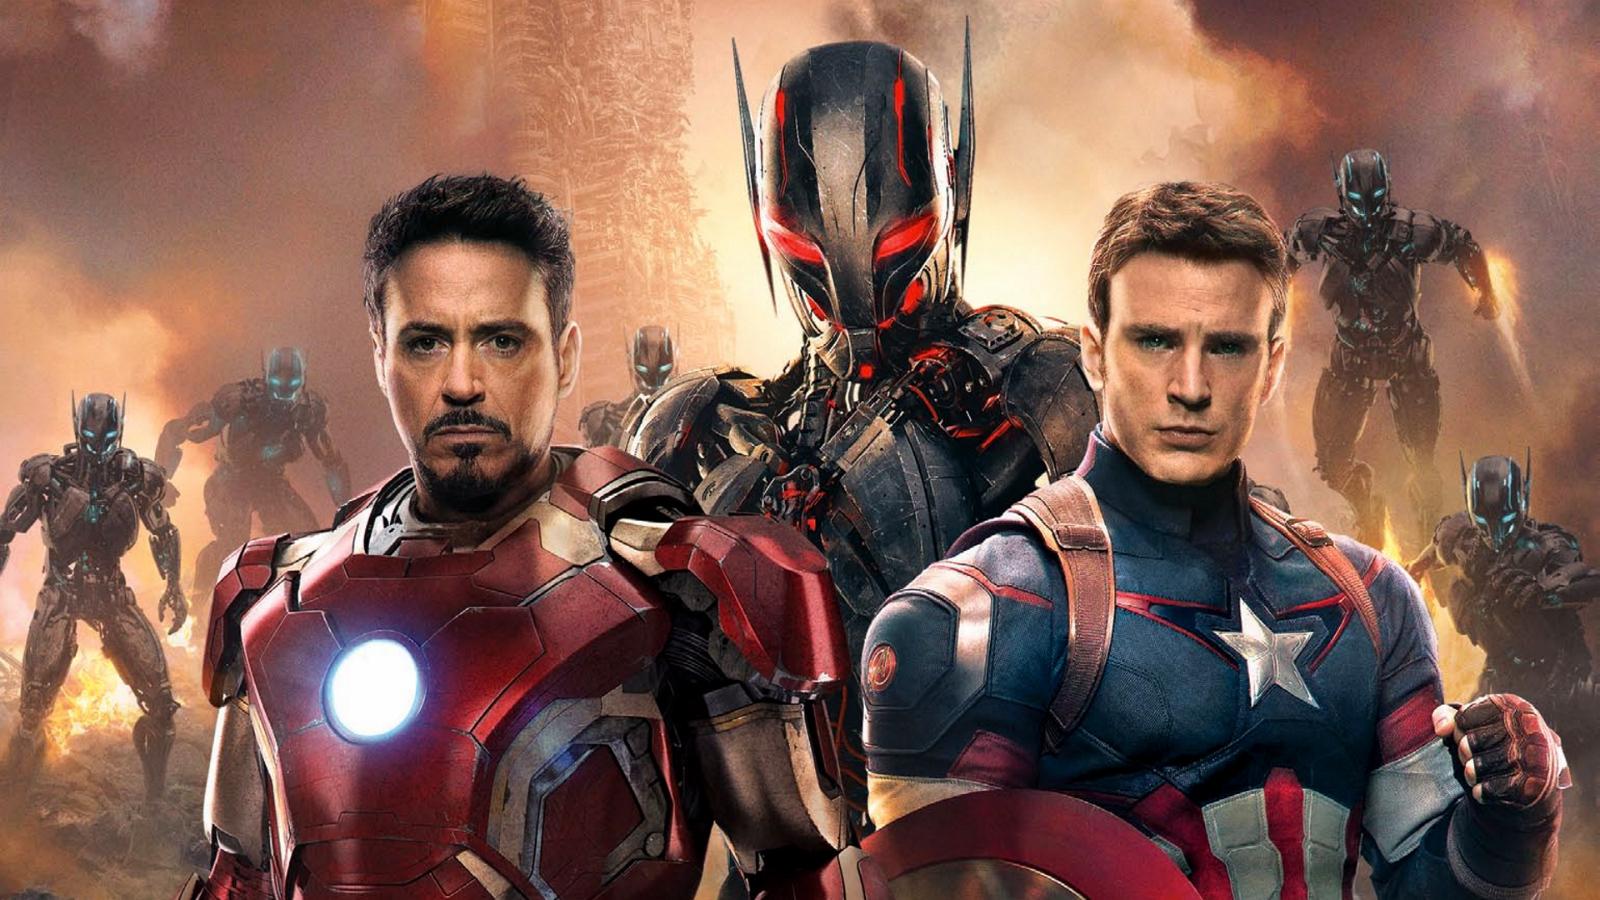 """Już jest! Do sieci wyciekł trailer """"Avengers: Age of Ultron""""!"""